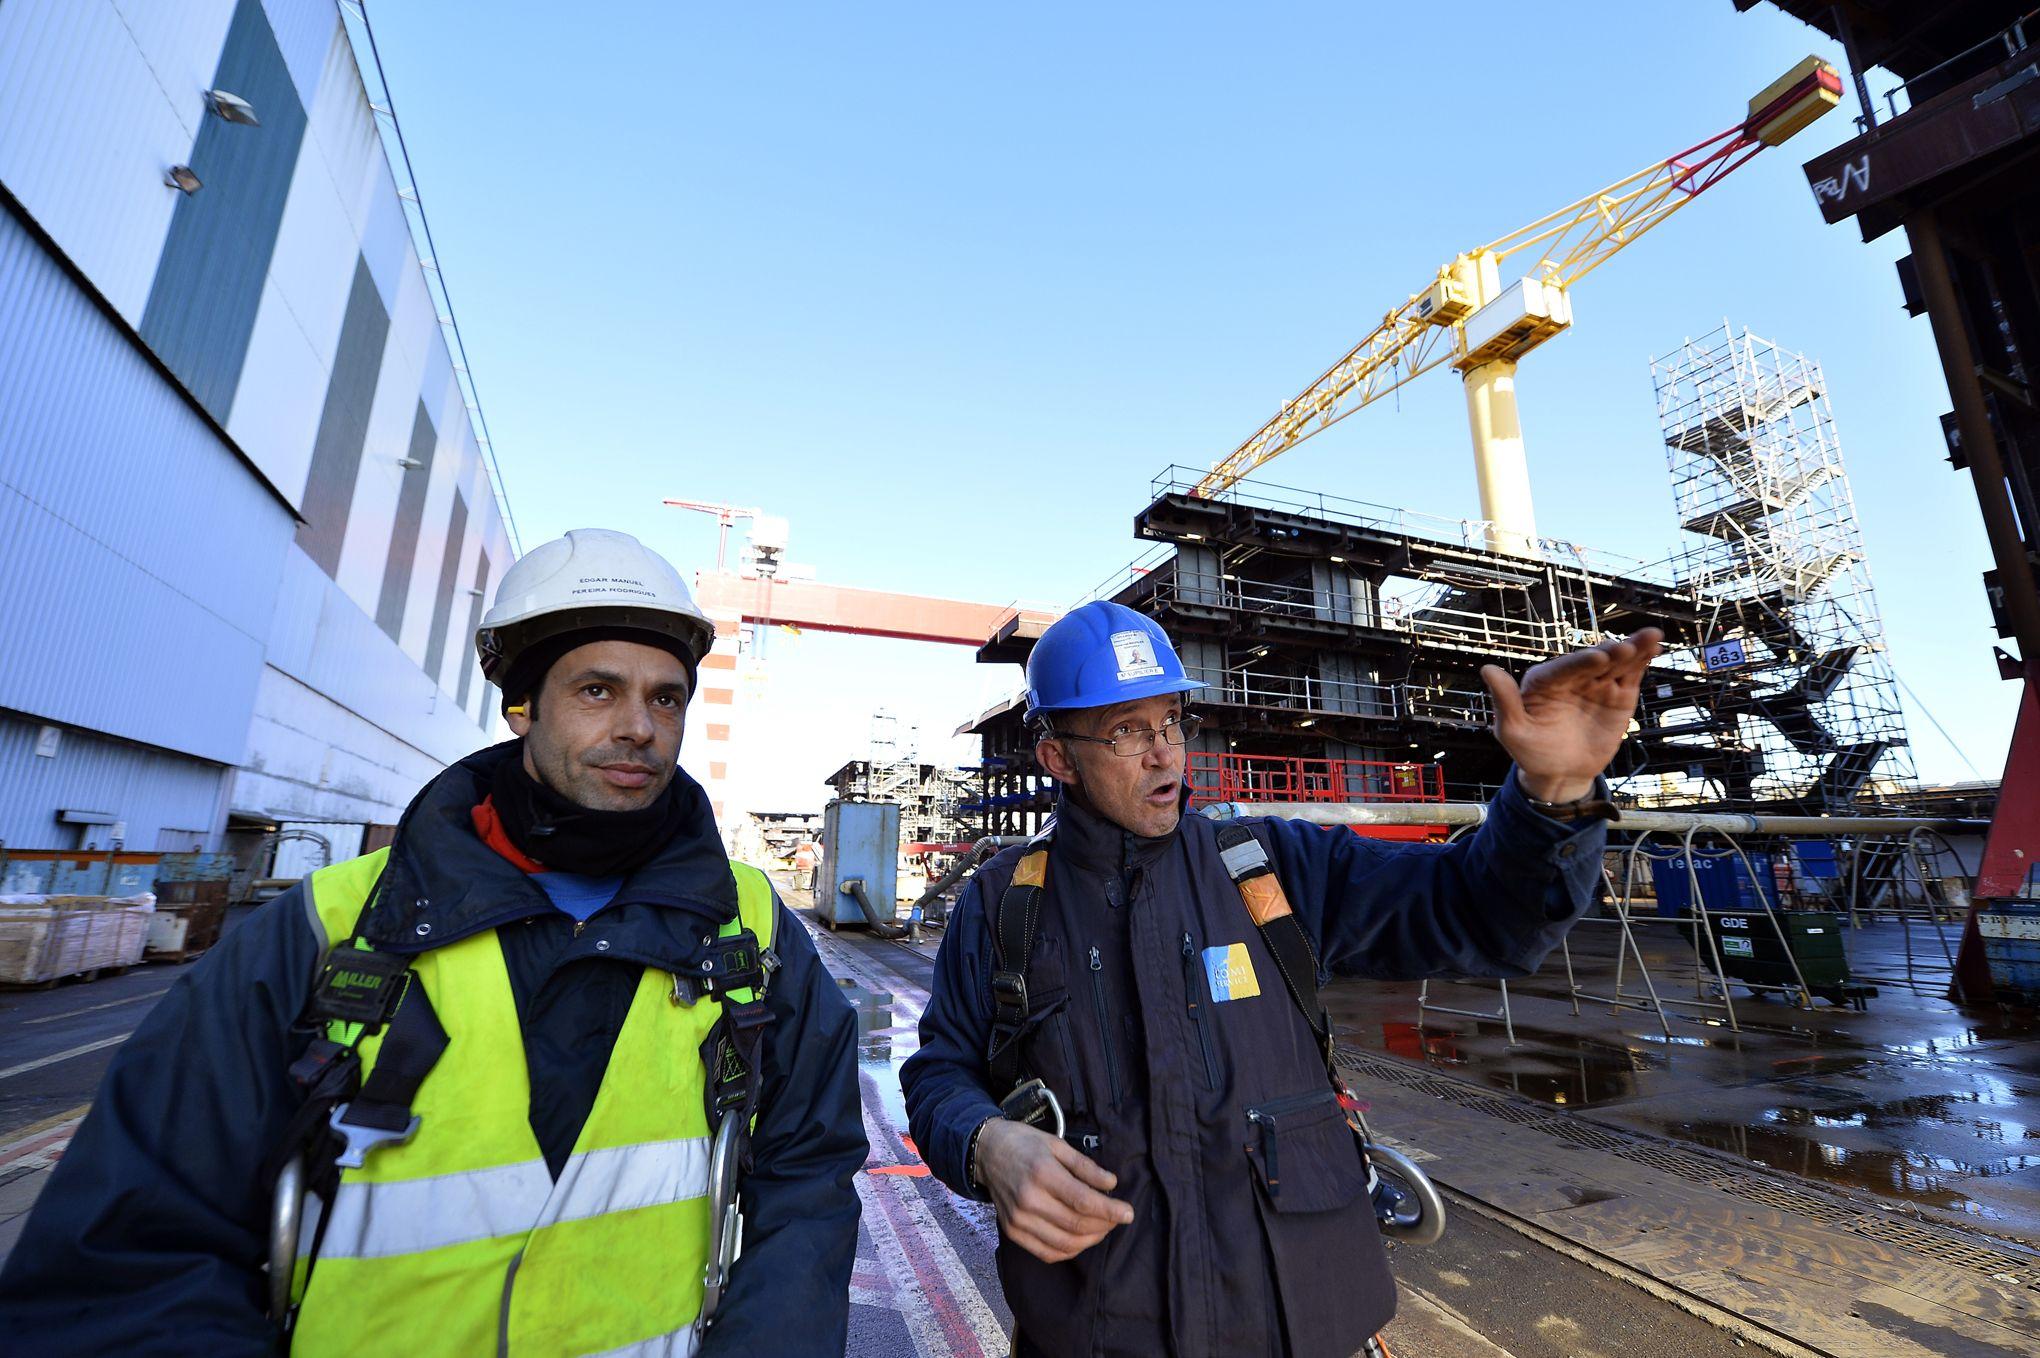 les chantiers navals de saint nazaire signent un contrat de 4 milliards avec msc croisi res. Black Bedroom Furniture Sets. Home Design Ideas